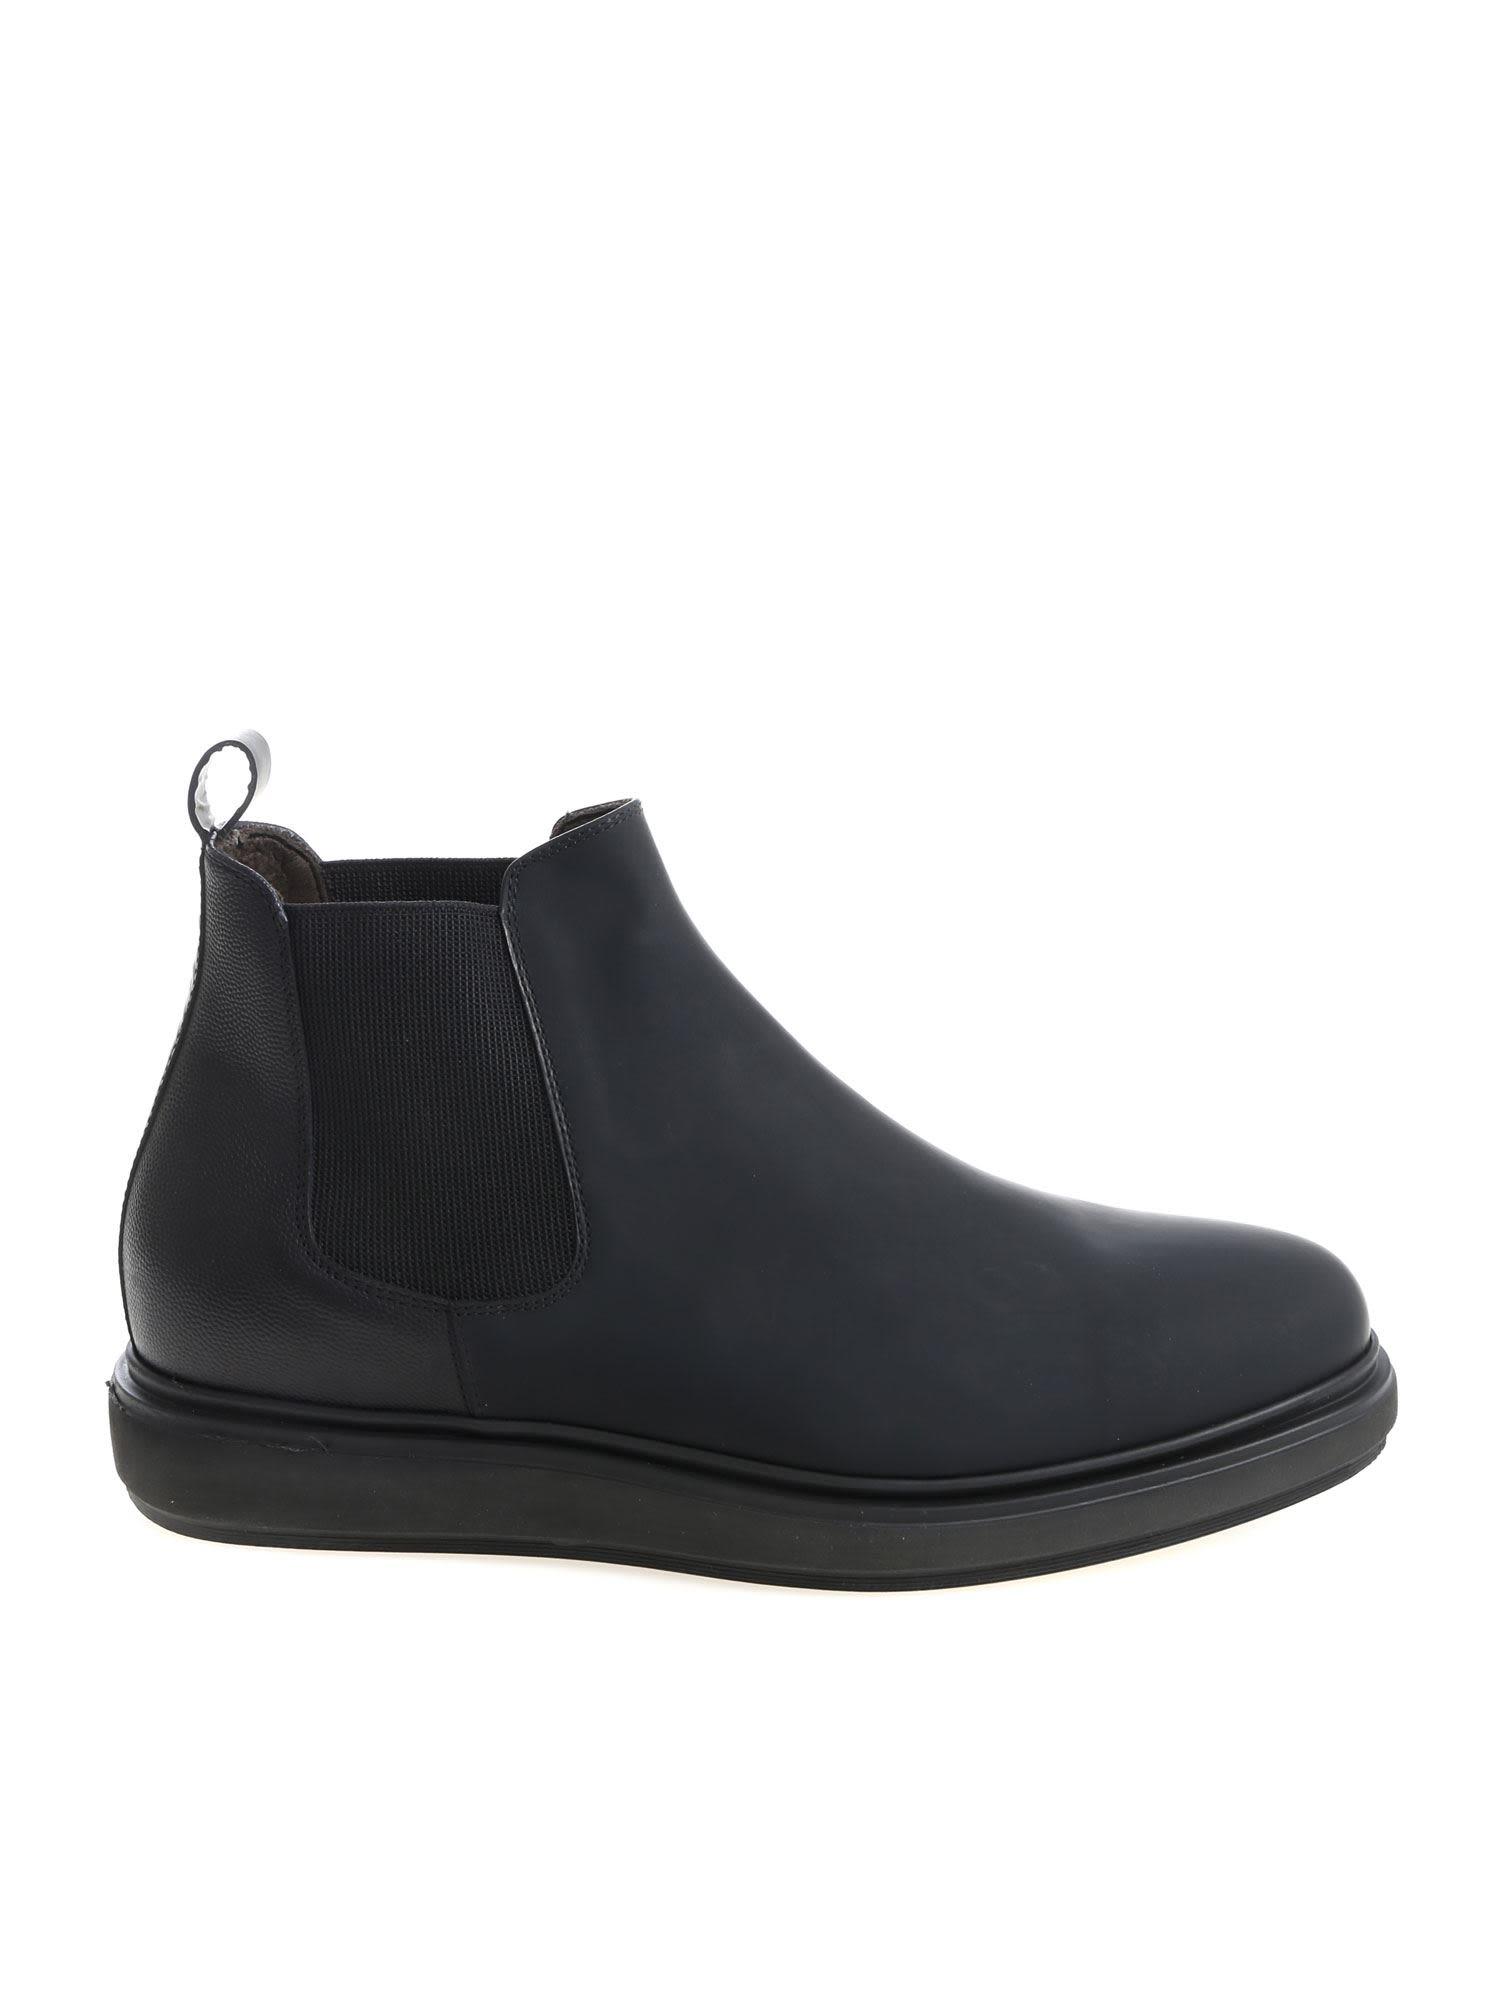 BLU BARRETT Brea Ankle Boots in Black